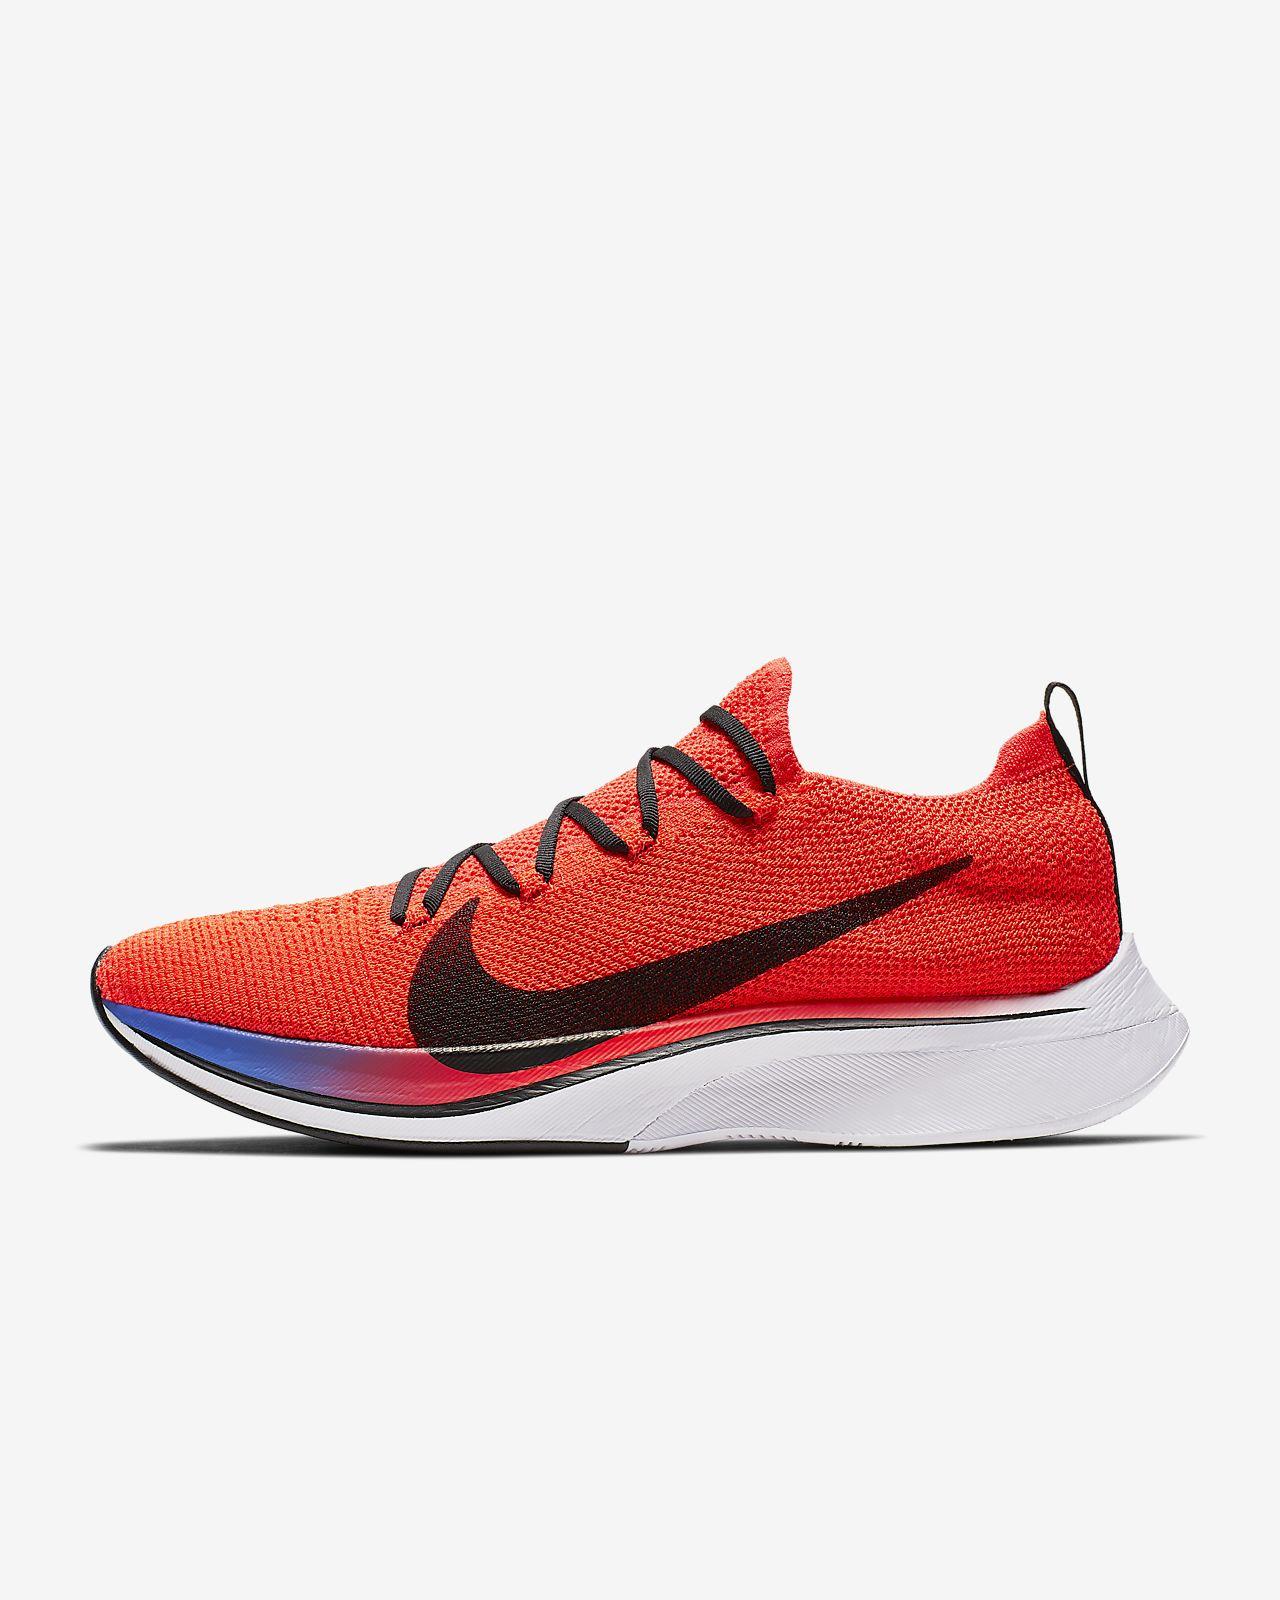 Nike Vaporfly 4% Flyknit Hardloopschoenen